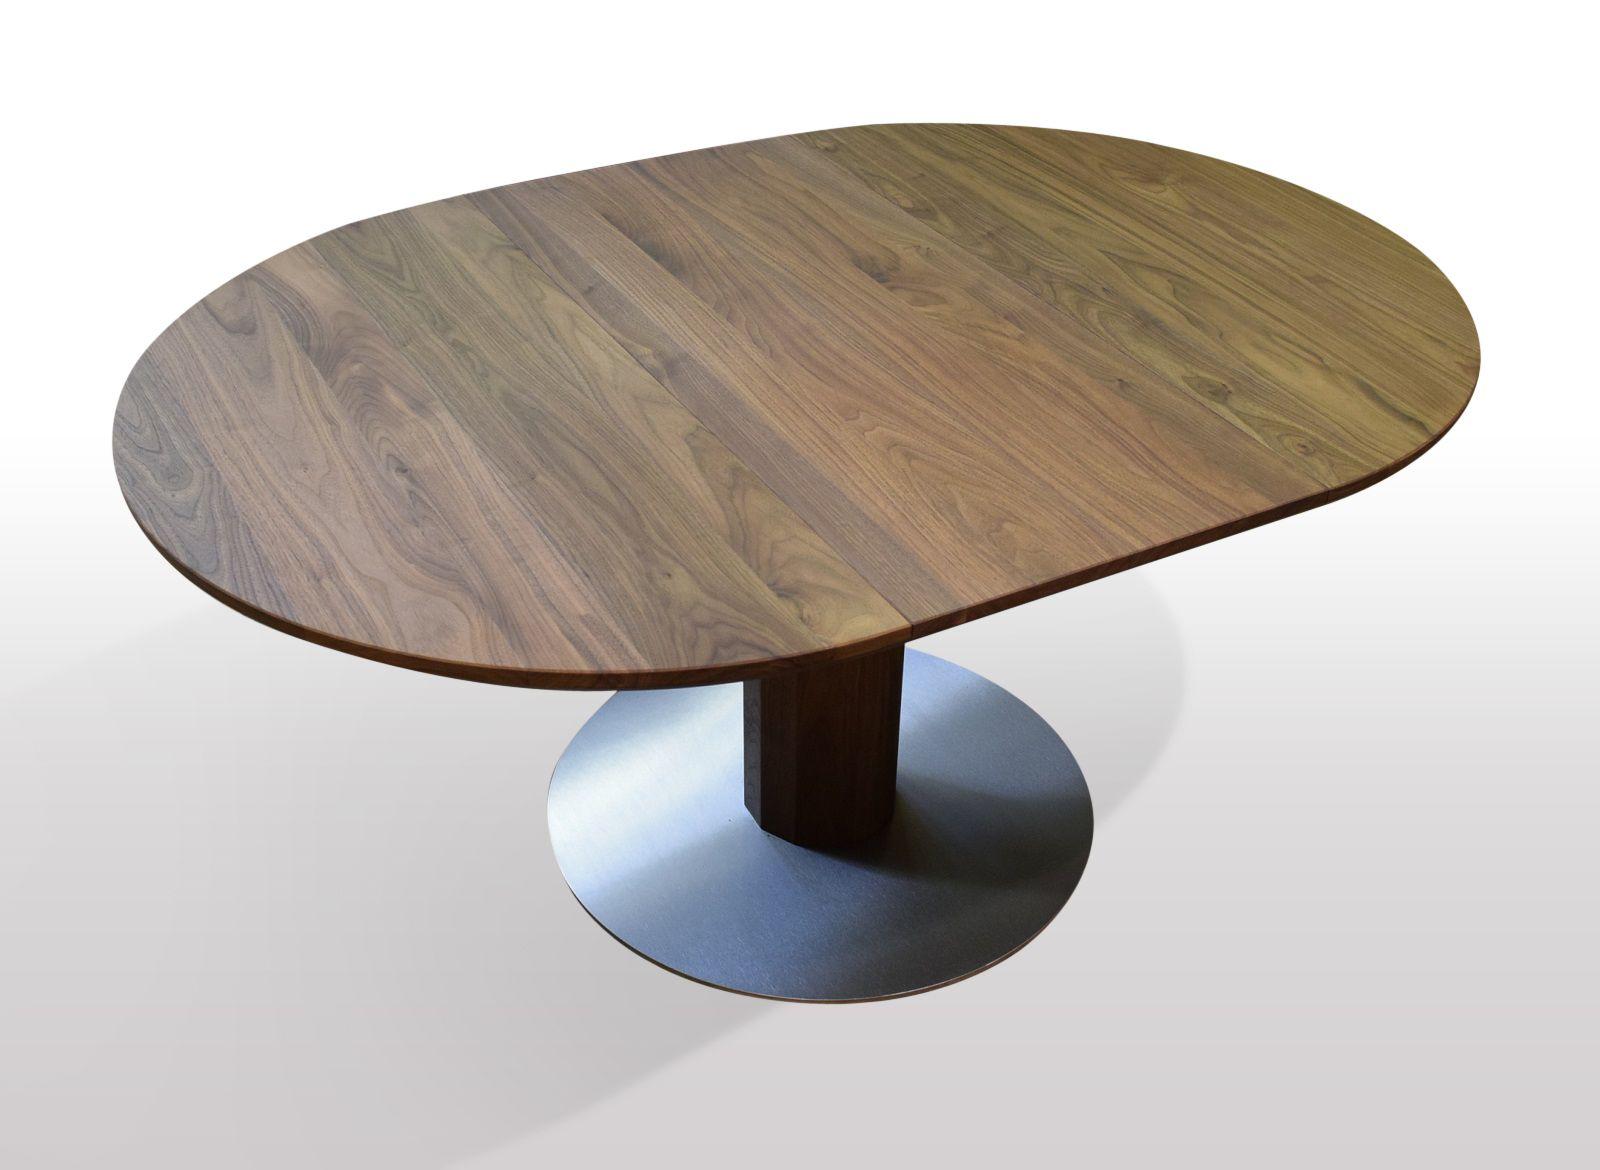 Pin Von Tischmoebel De Auf Tisch Rund Nussbaum Runder Esstisch Eiche